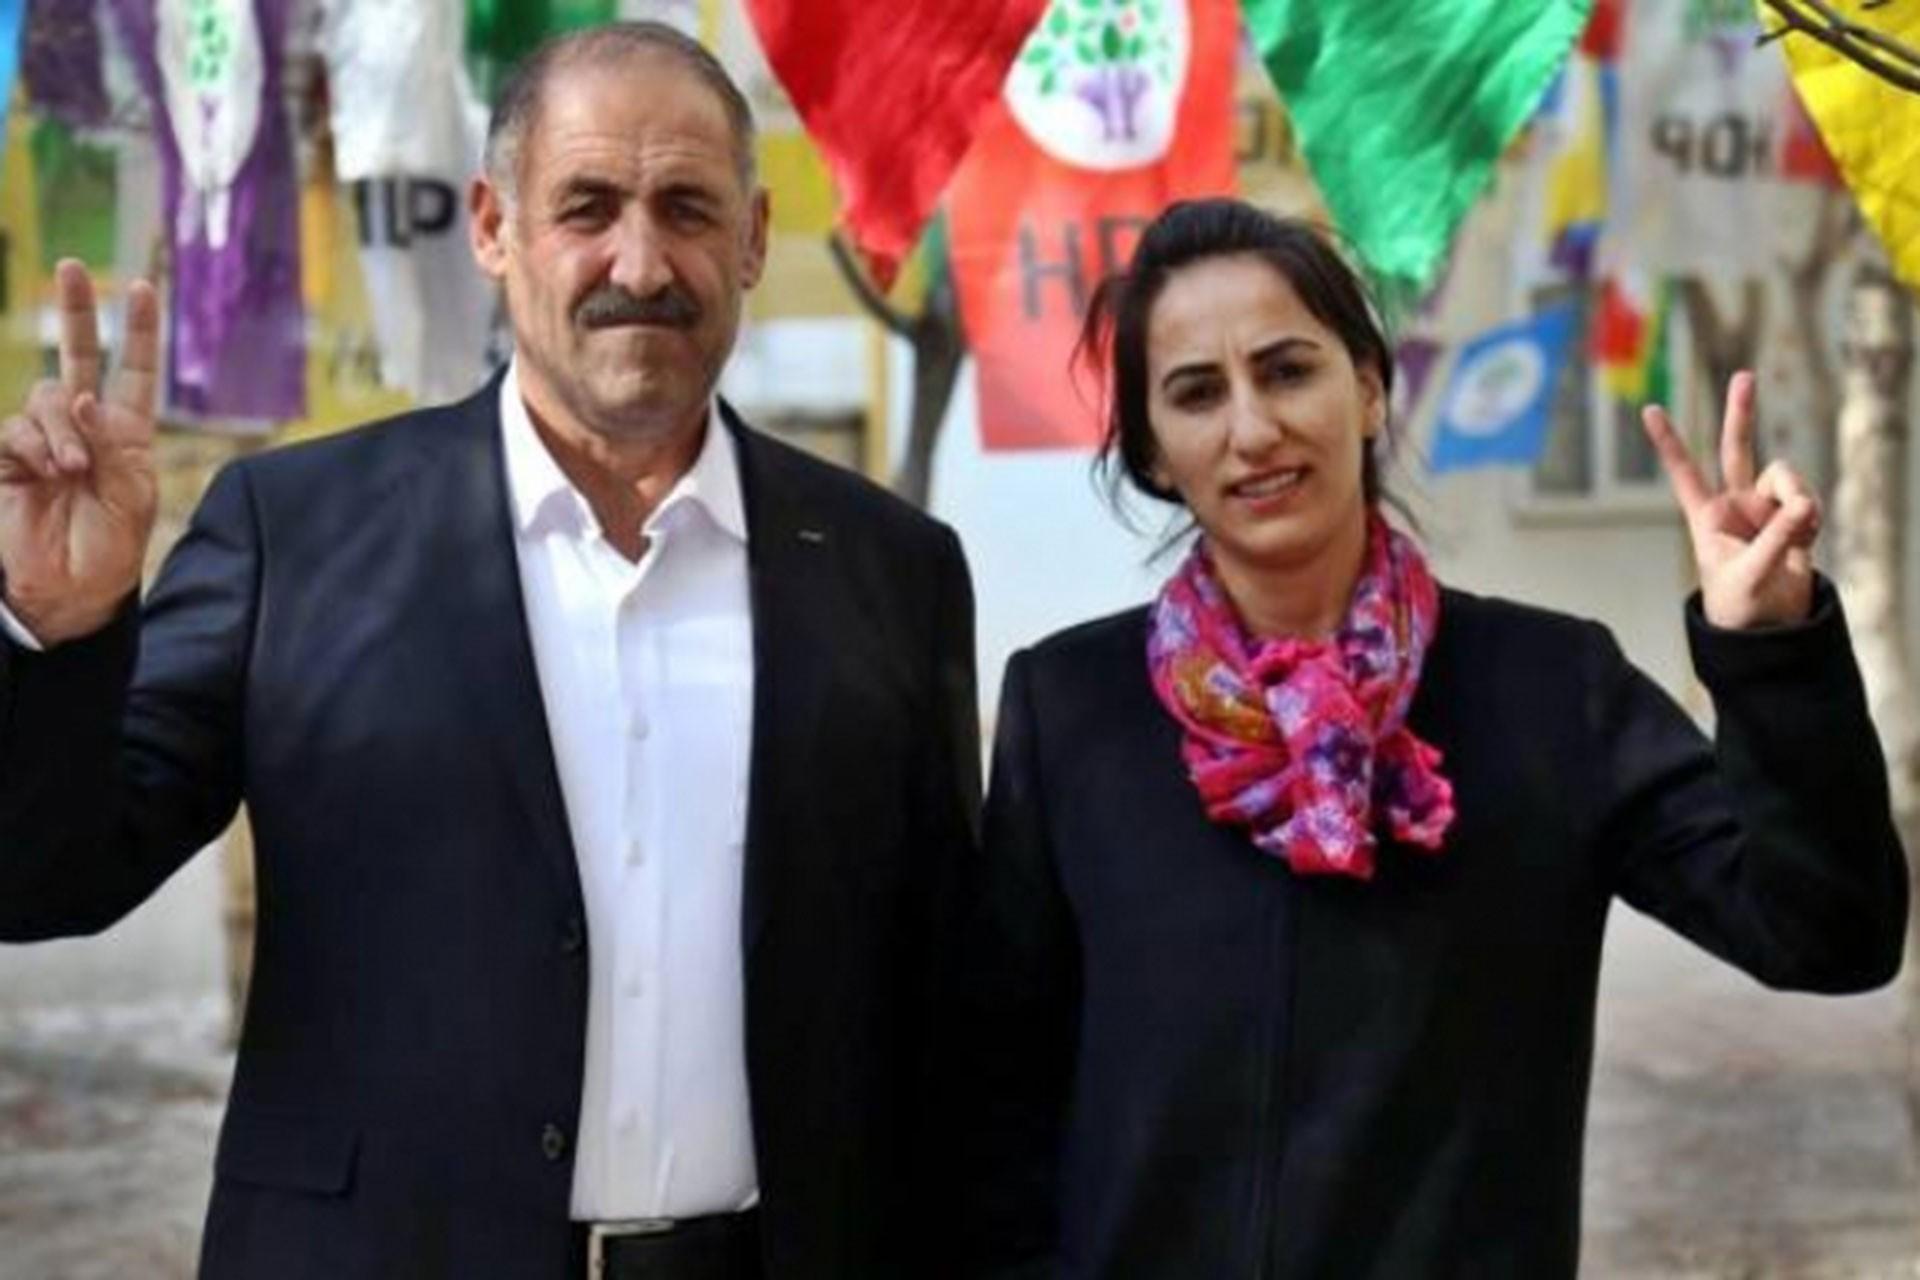 Muradiye Belediyesi Eş Başkanları Yılmaz Şalan (solda) ve Leyla Balkan (sağda)